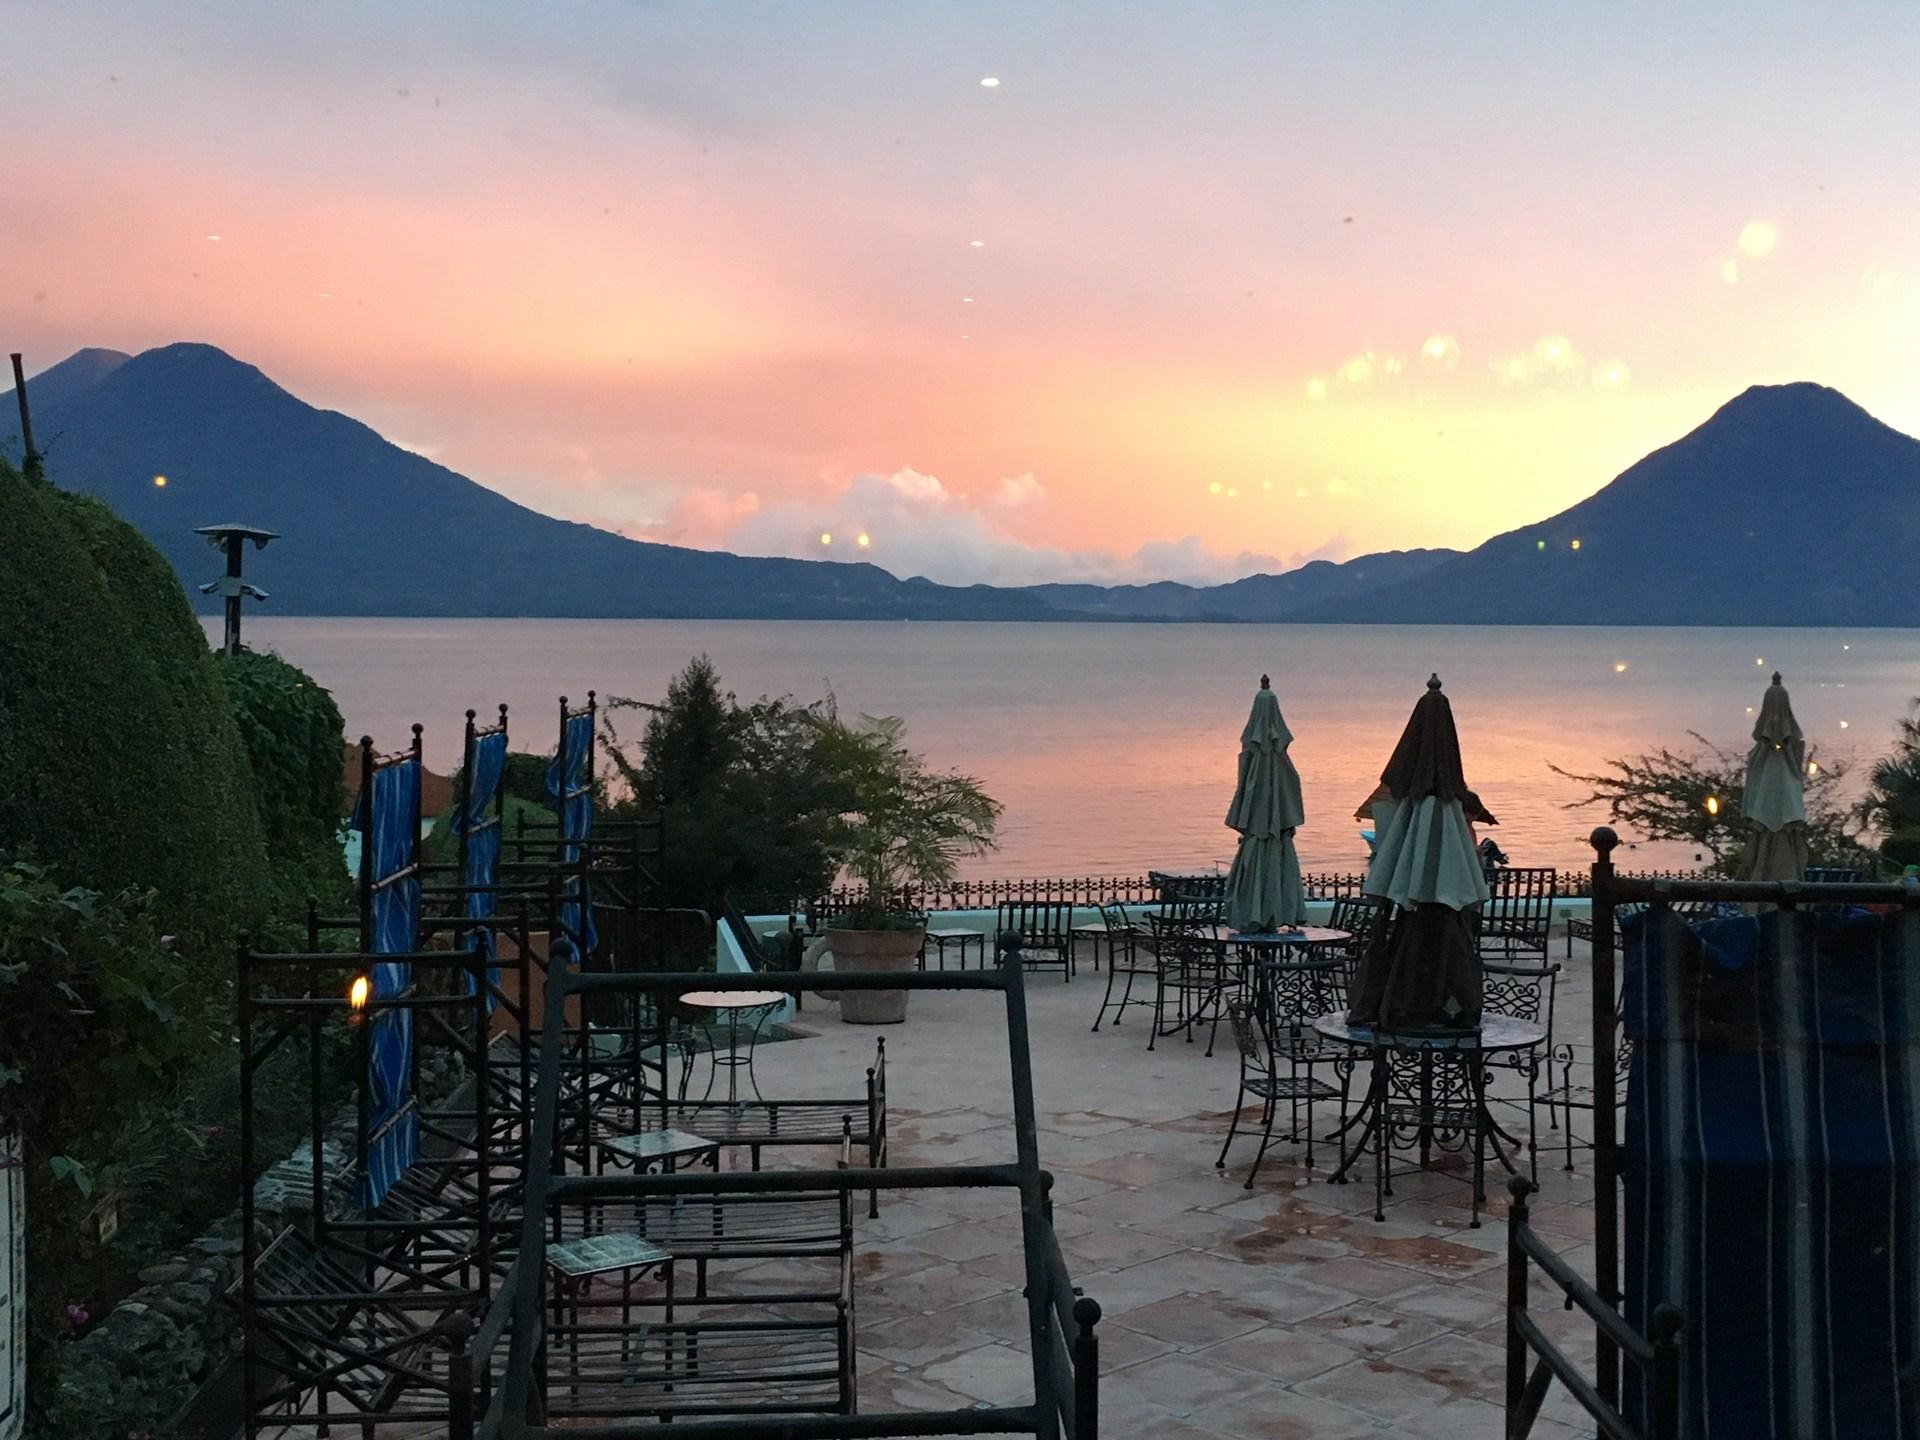 Toliman and San Pedro Volcanoes-Lake Atitlan, Guatemala